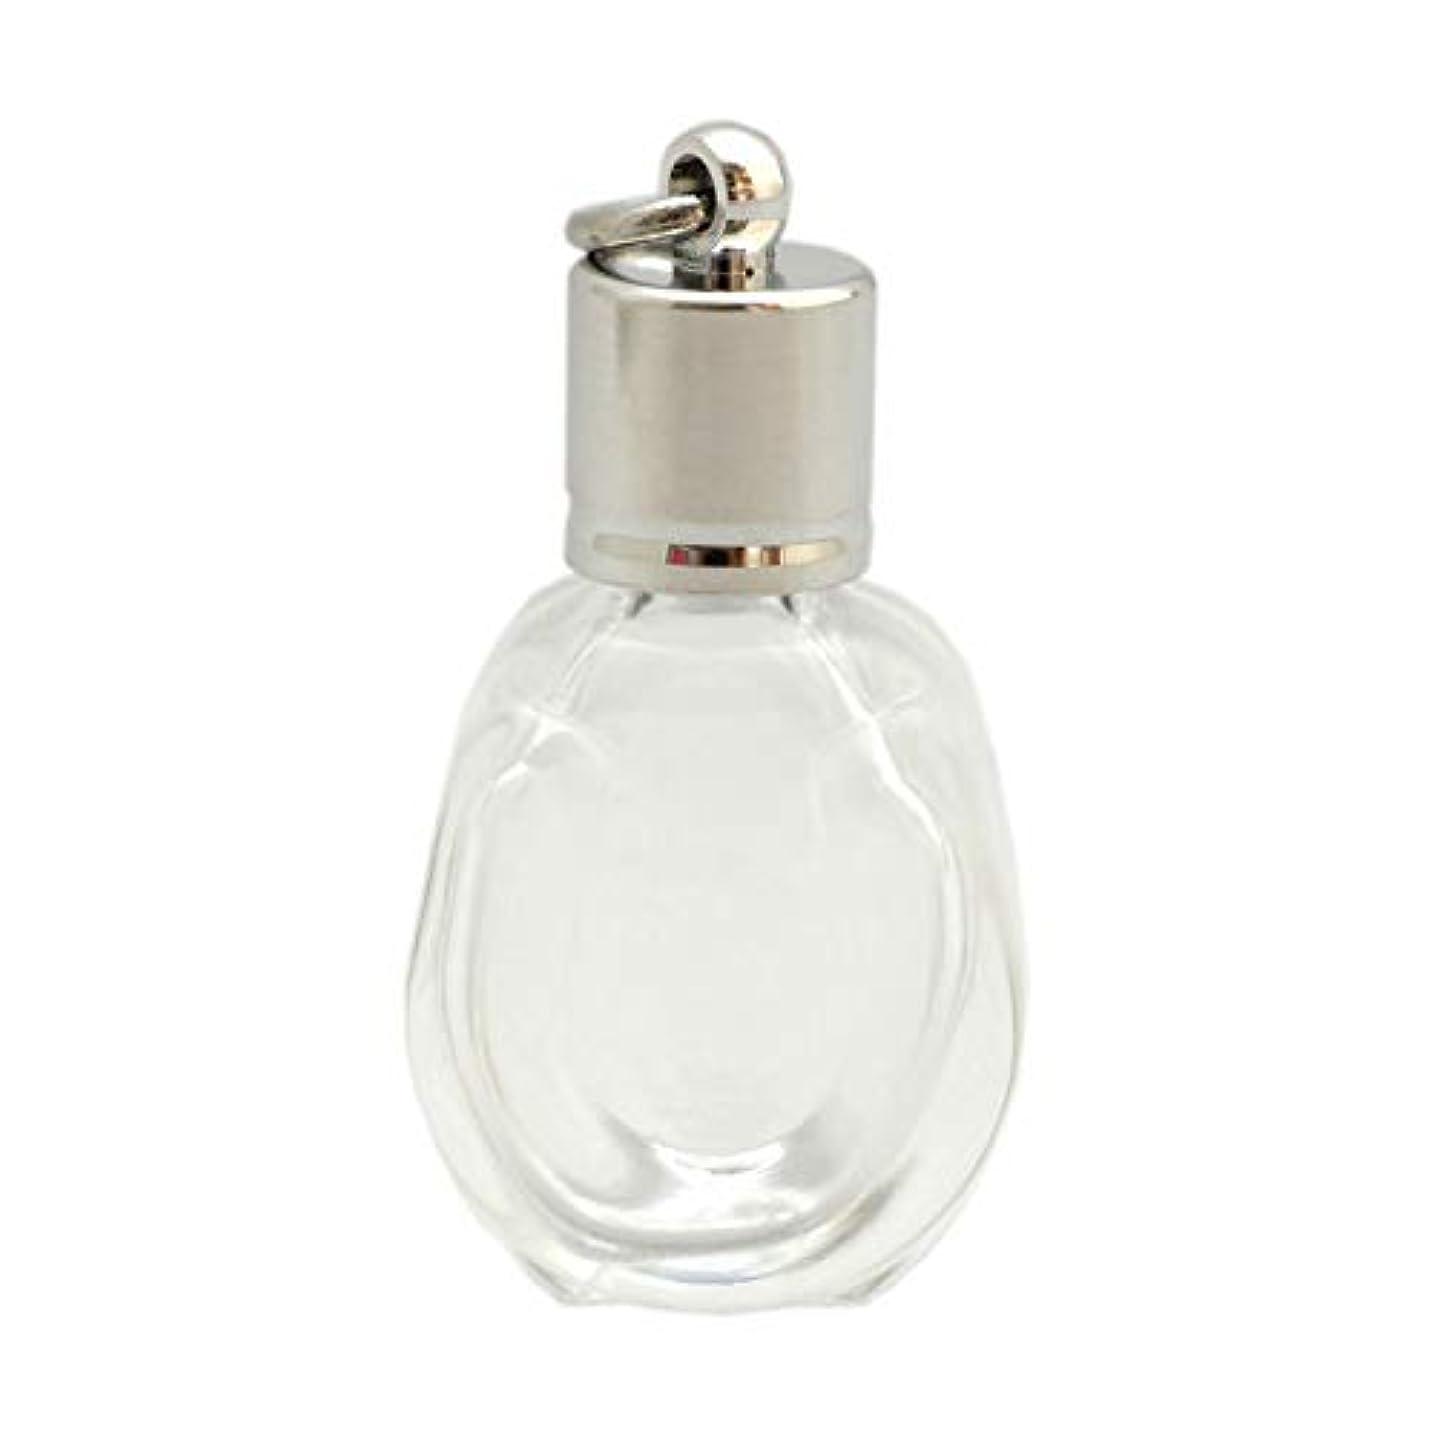 カンガルー納得させる幅ミニ香水瓶 アロマペンダントトップ 馬蹄型(透明 容量1.3ml)×穴あきキャップ シルバー